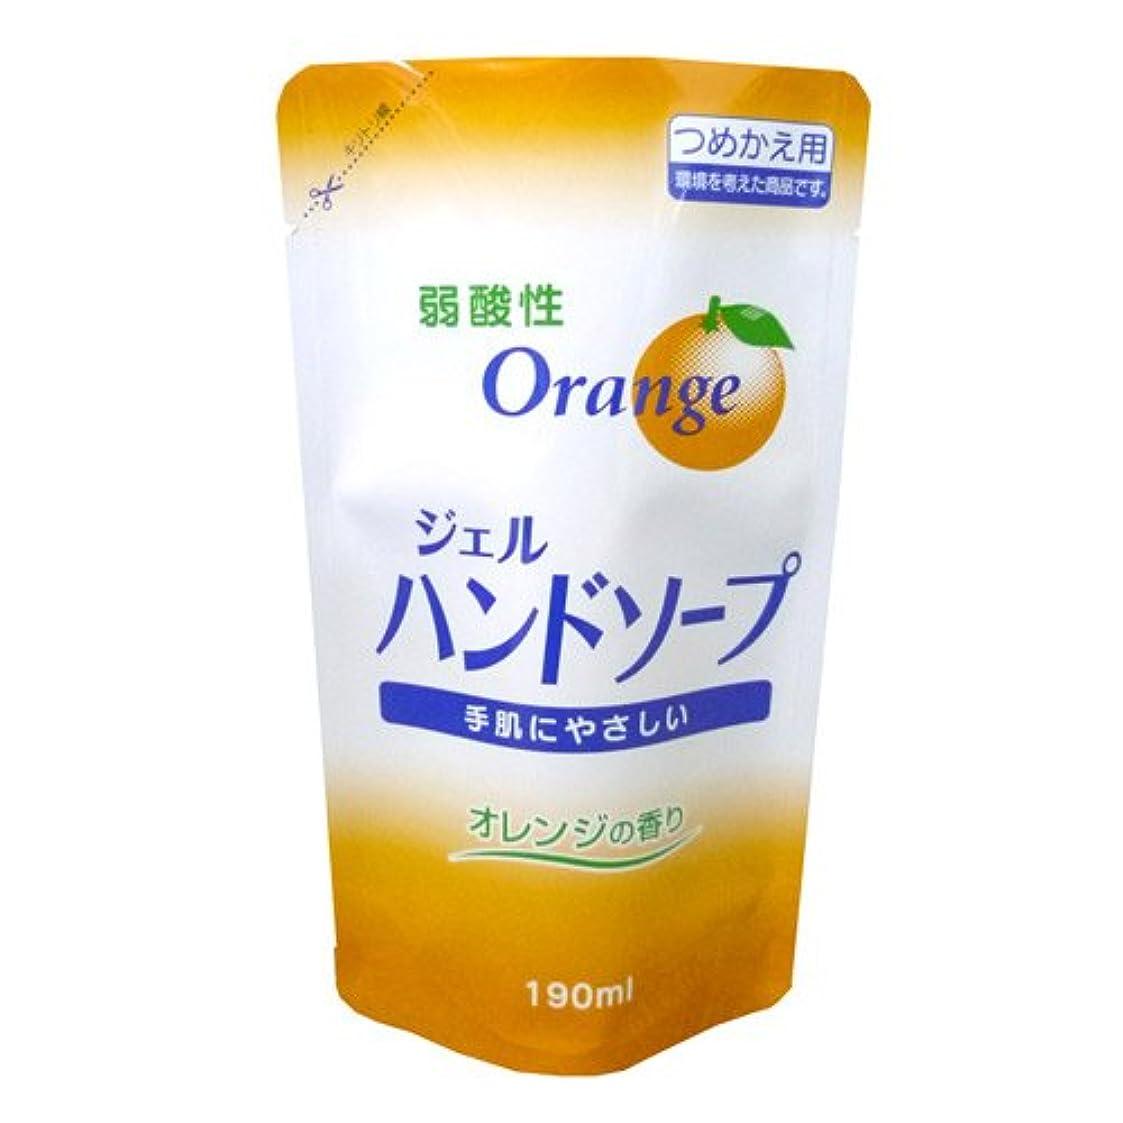 所得防水新鮮な弱酸性ジェルハンドソープ 詰替用 190ml